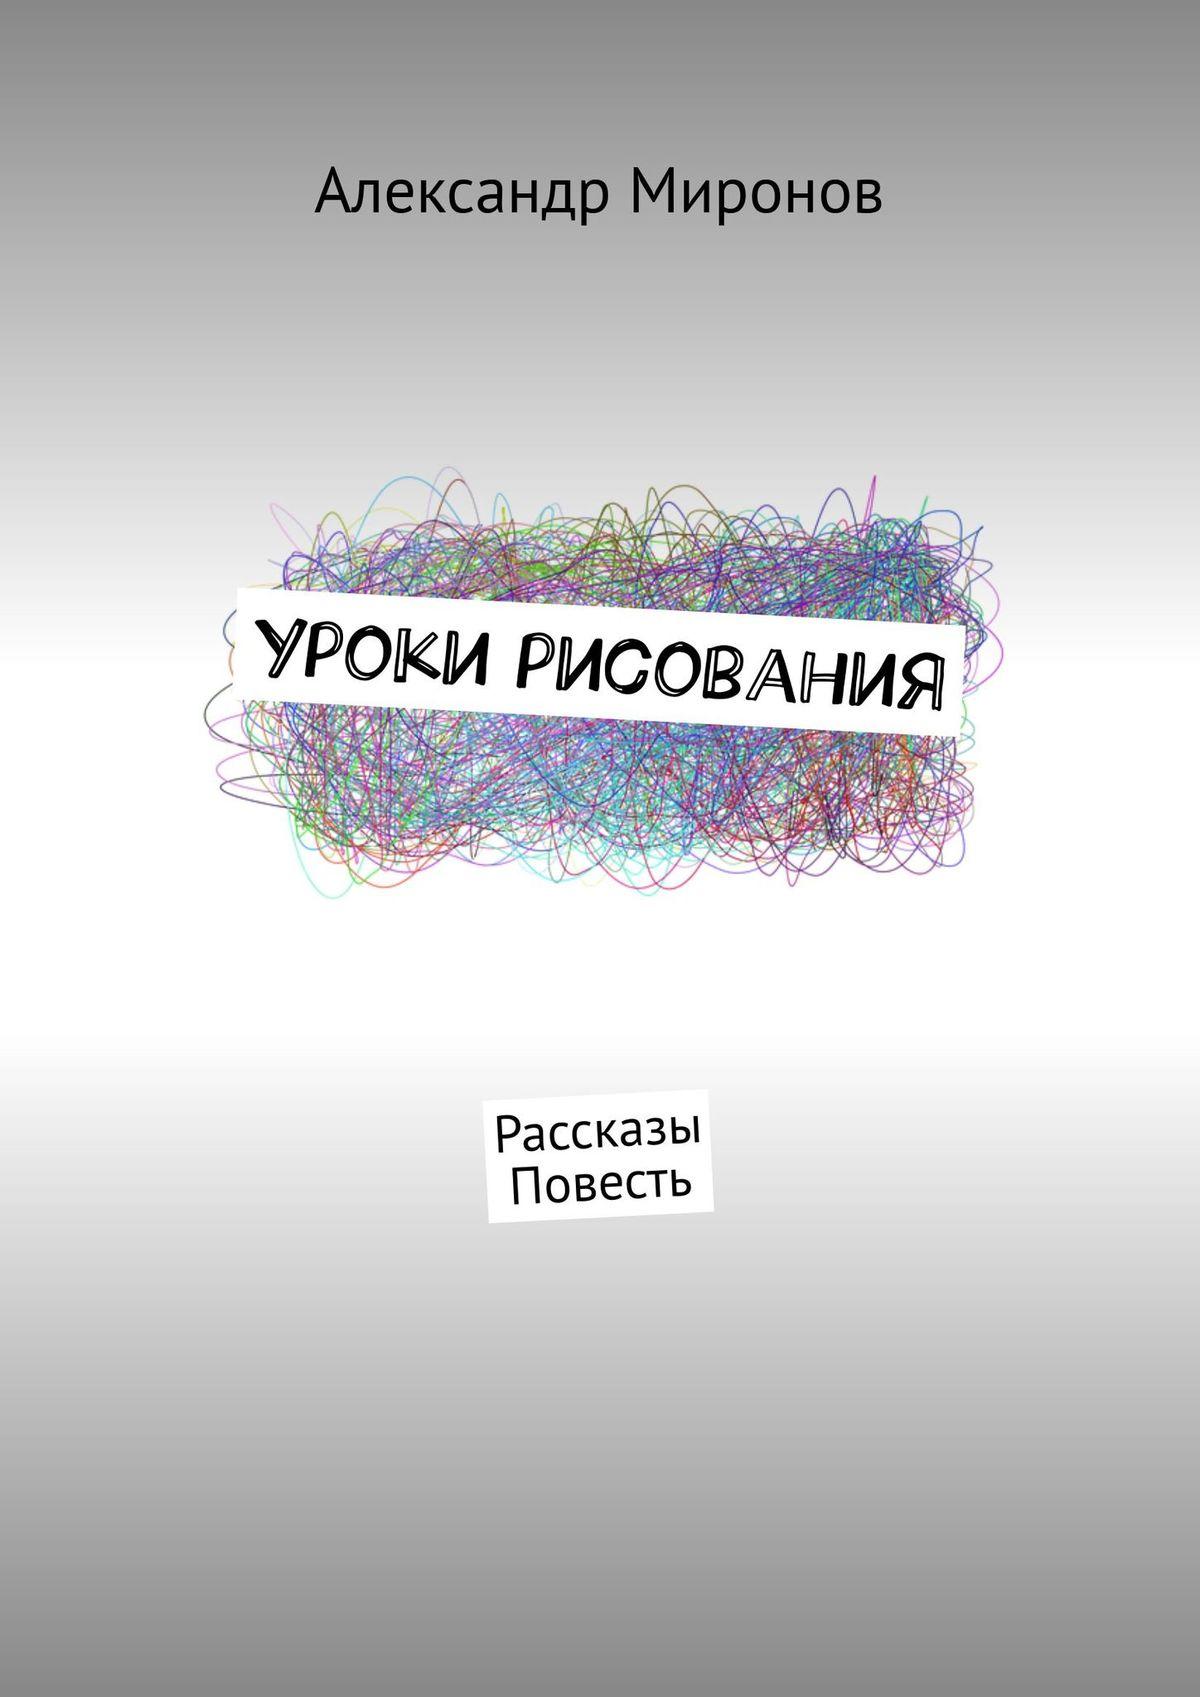 Александр Миронов Уроки рисования. Повесть цена 2017